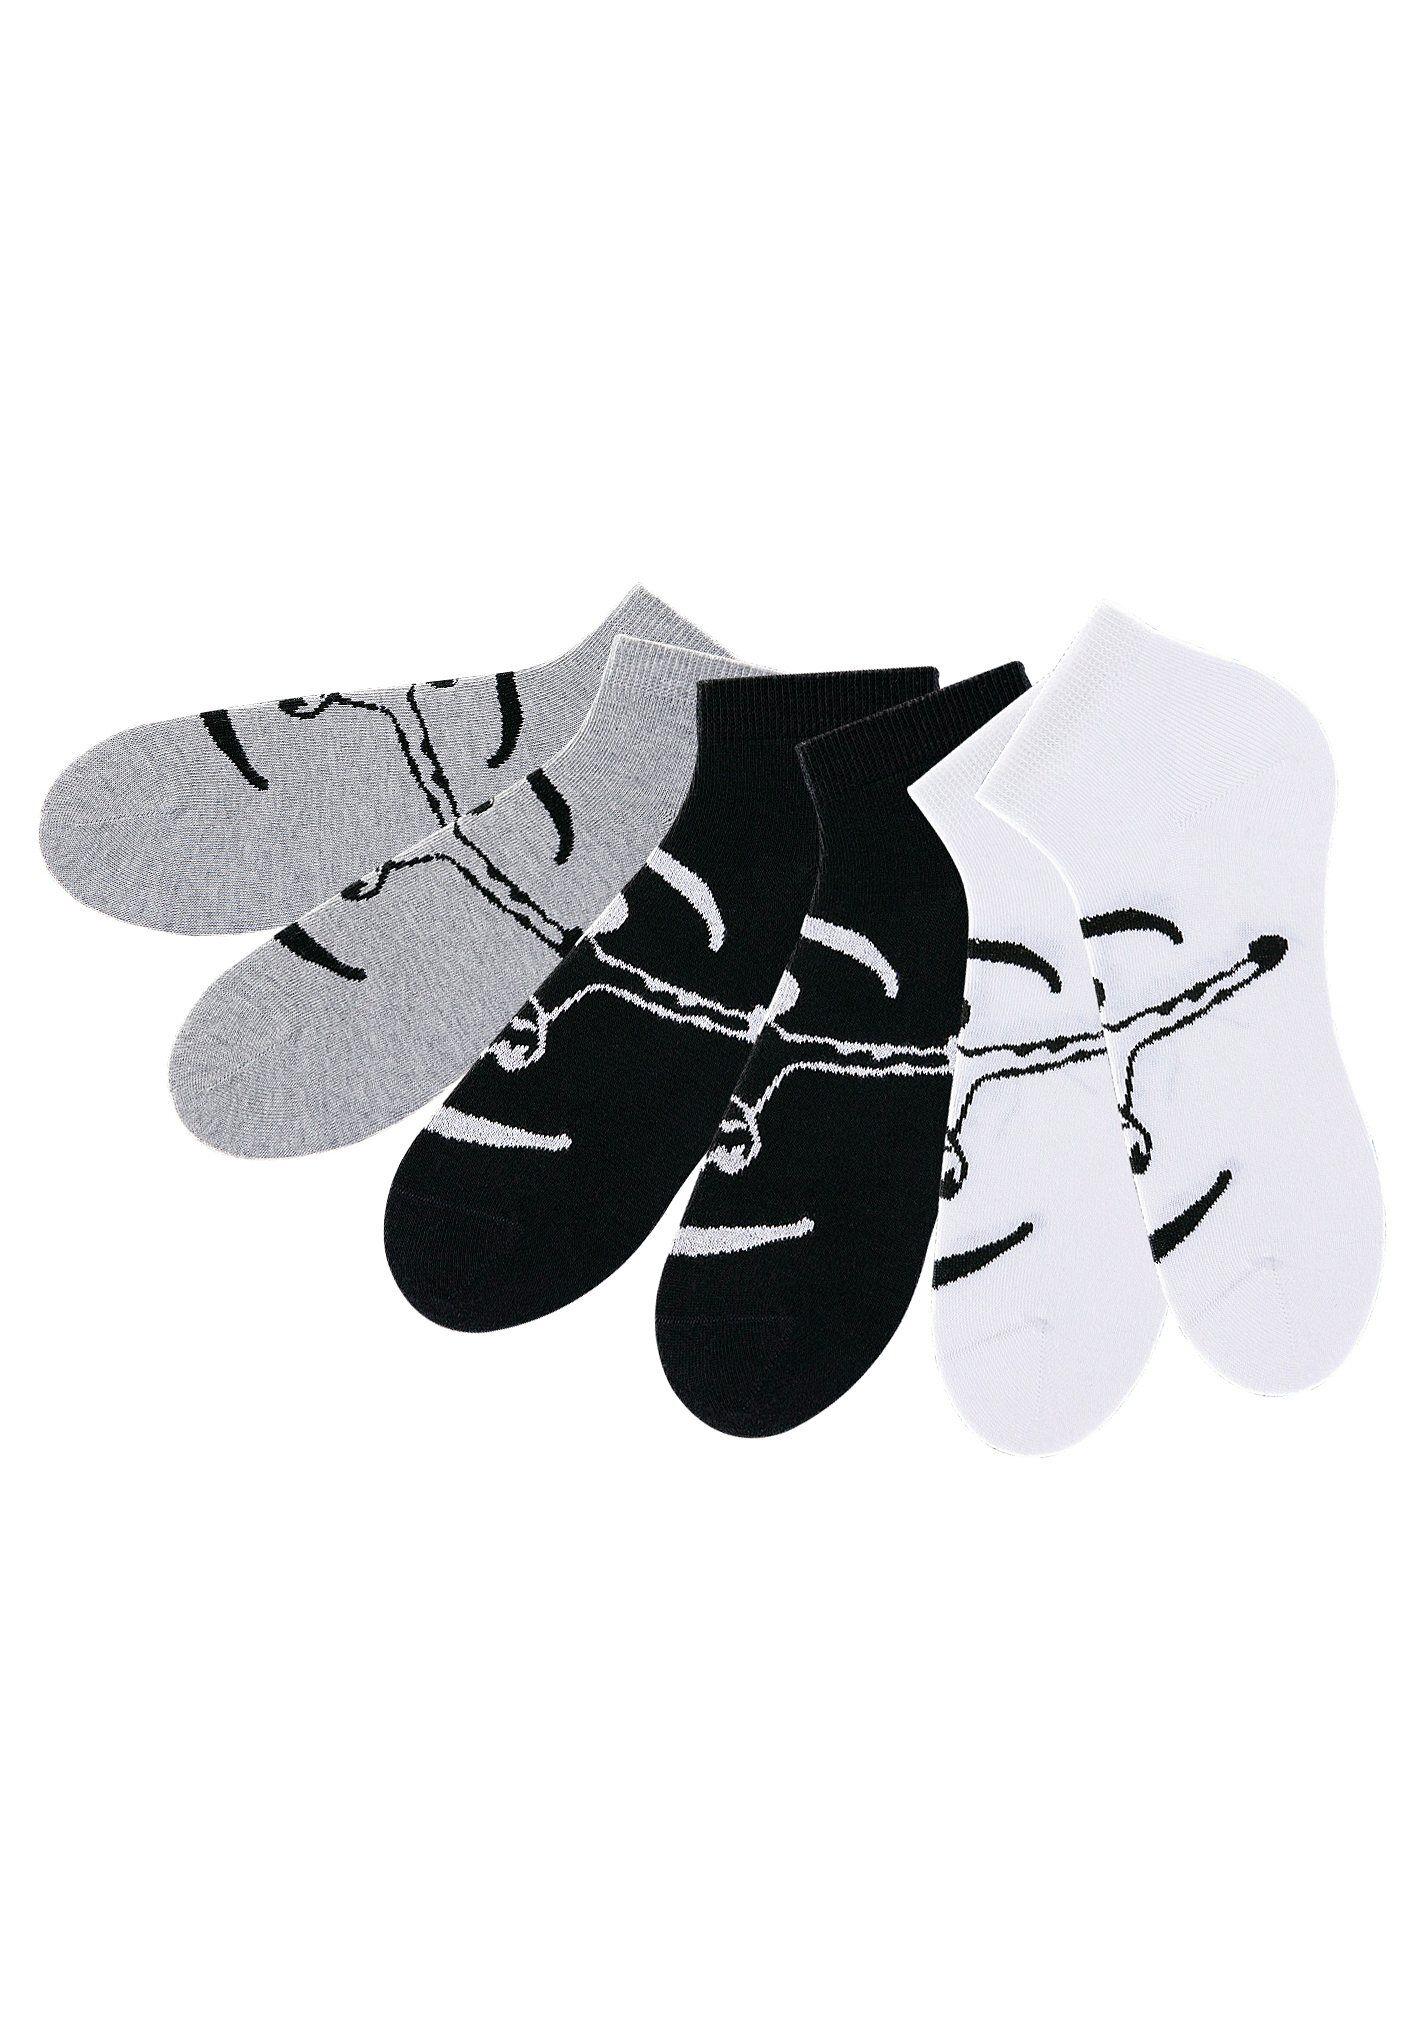 Chiemsee Sneakersocken (6 Paar) ideal für Sport & Freizeit, schwarz   weiß   grau